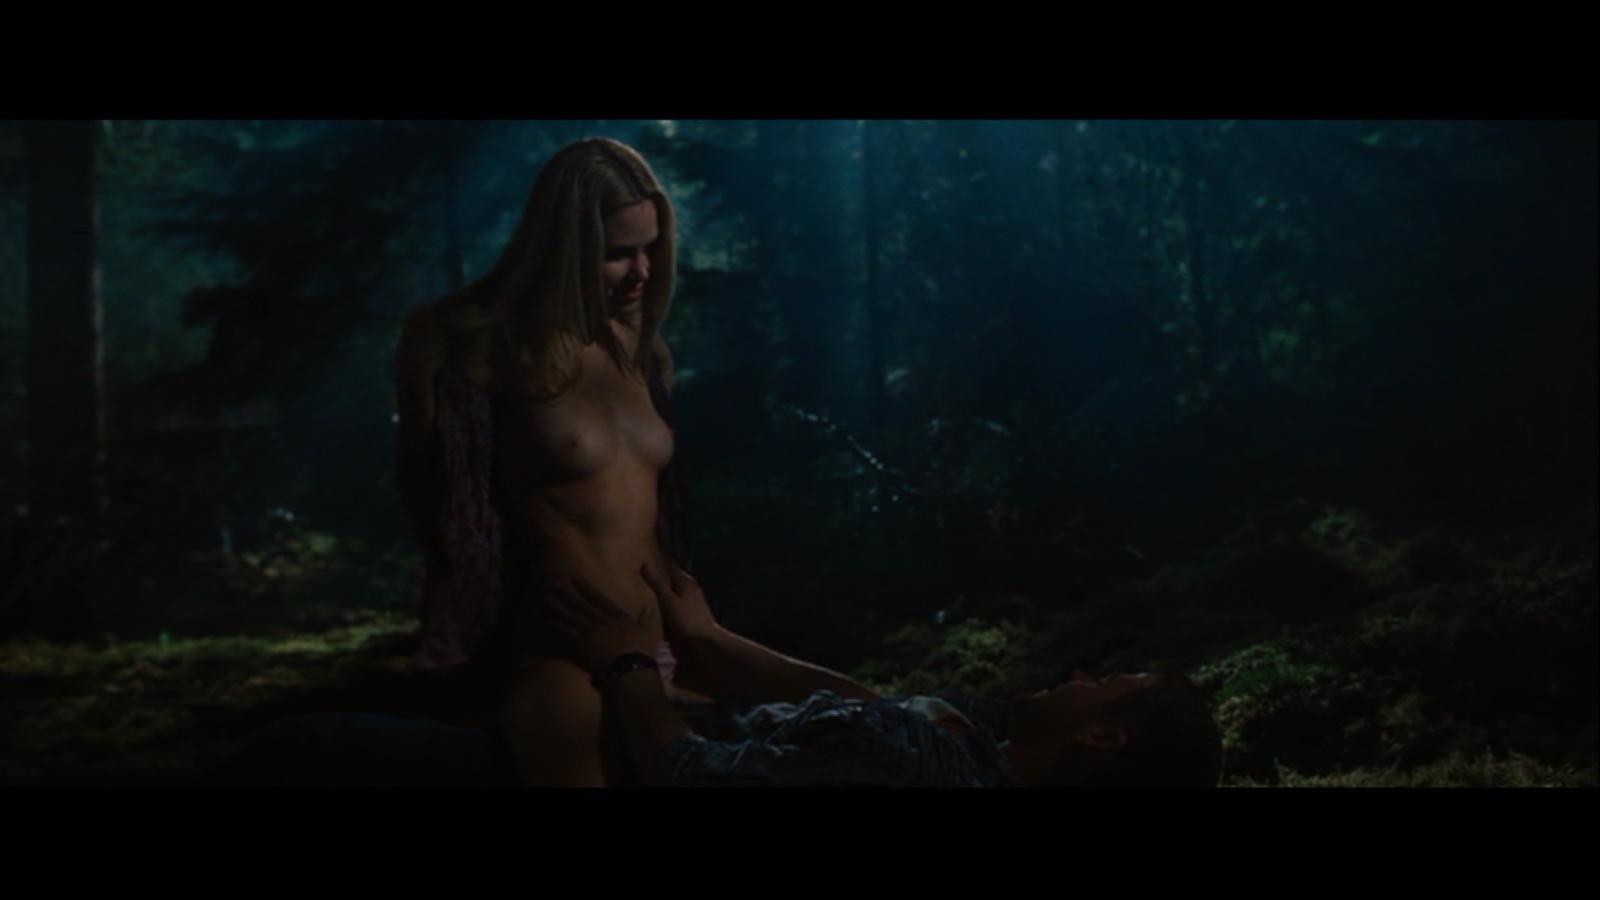 scopata cinema xporno videos